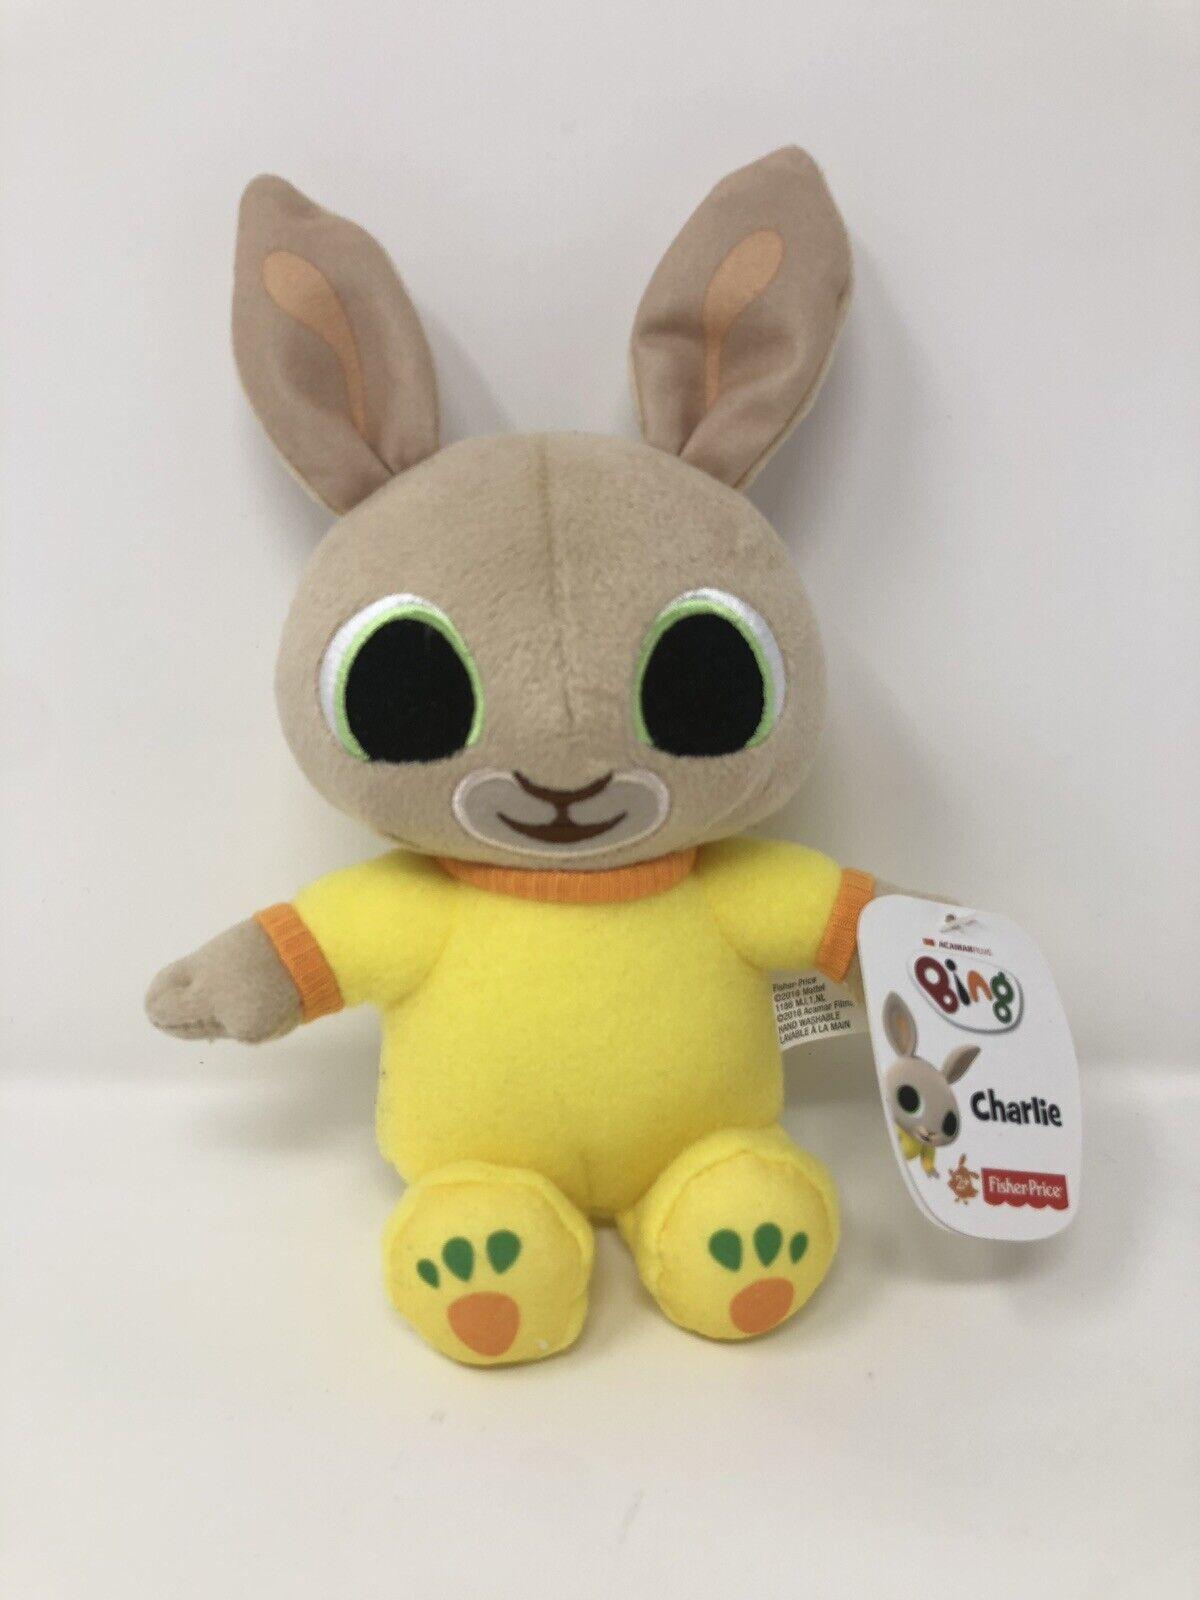 Fisher-Price RARE Bing Plush Toy Charlie Plush Toy - CBeebies - BRAND NEW